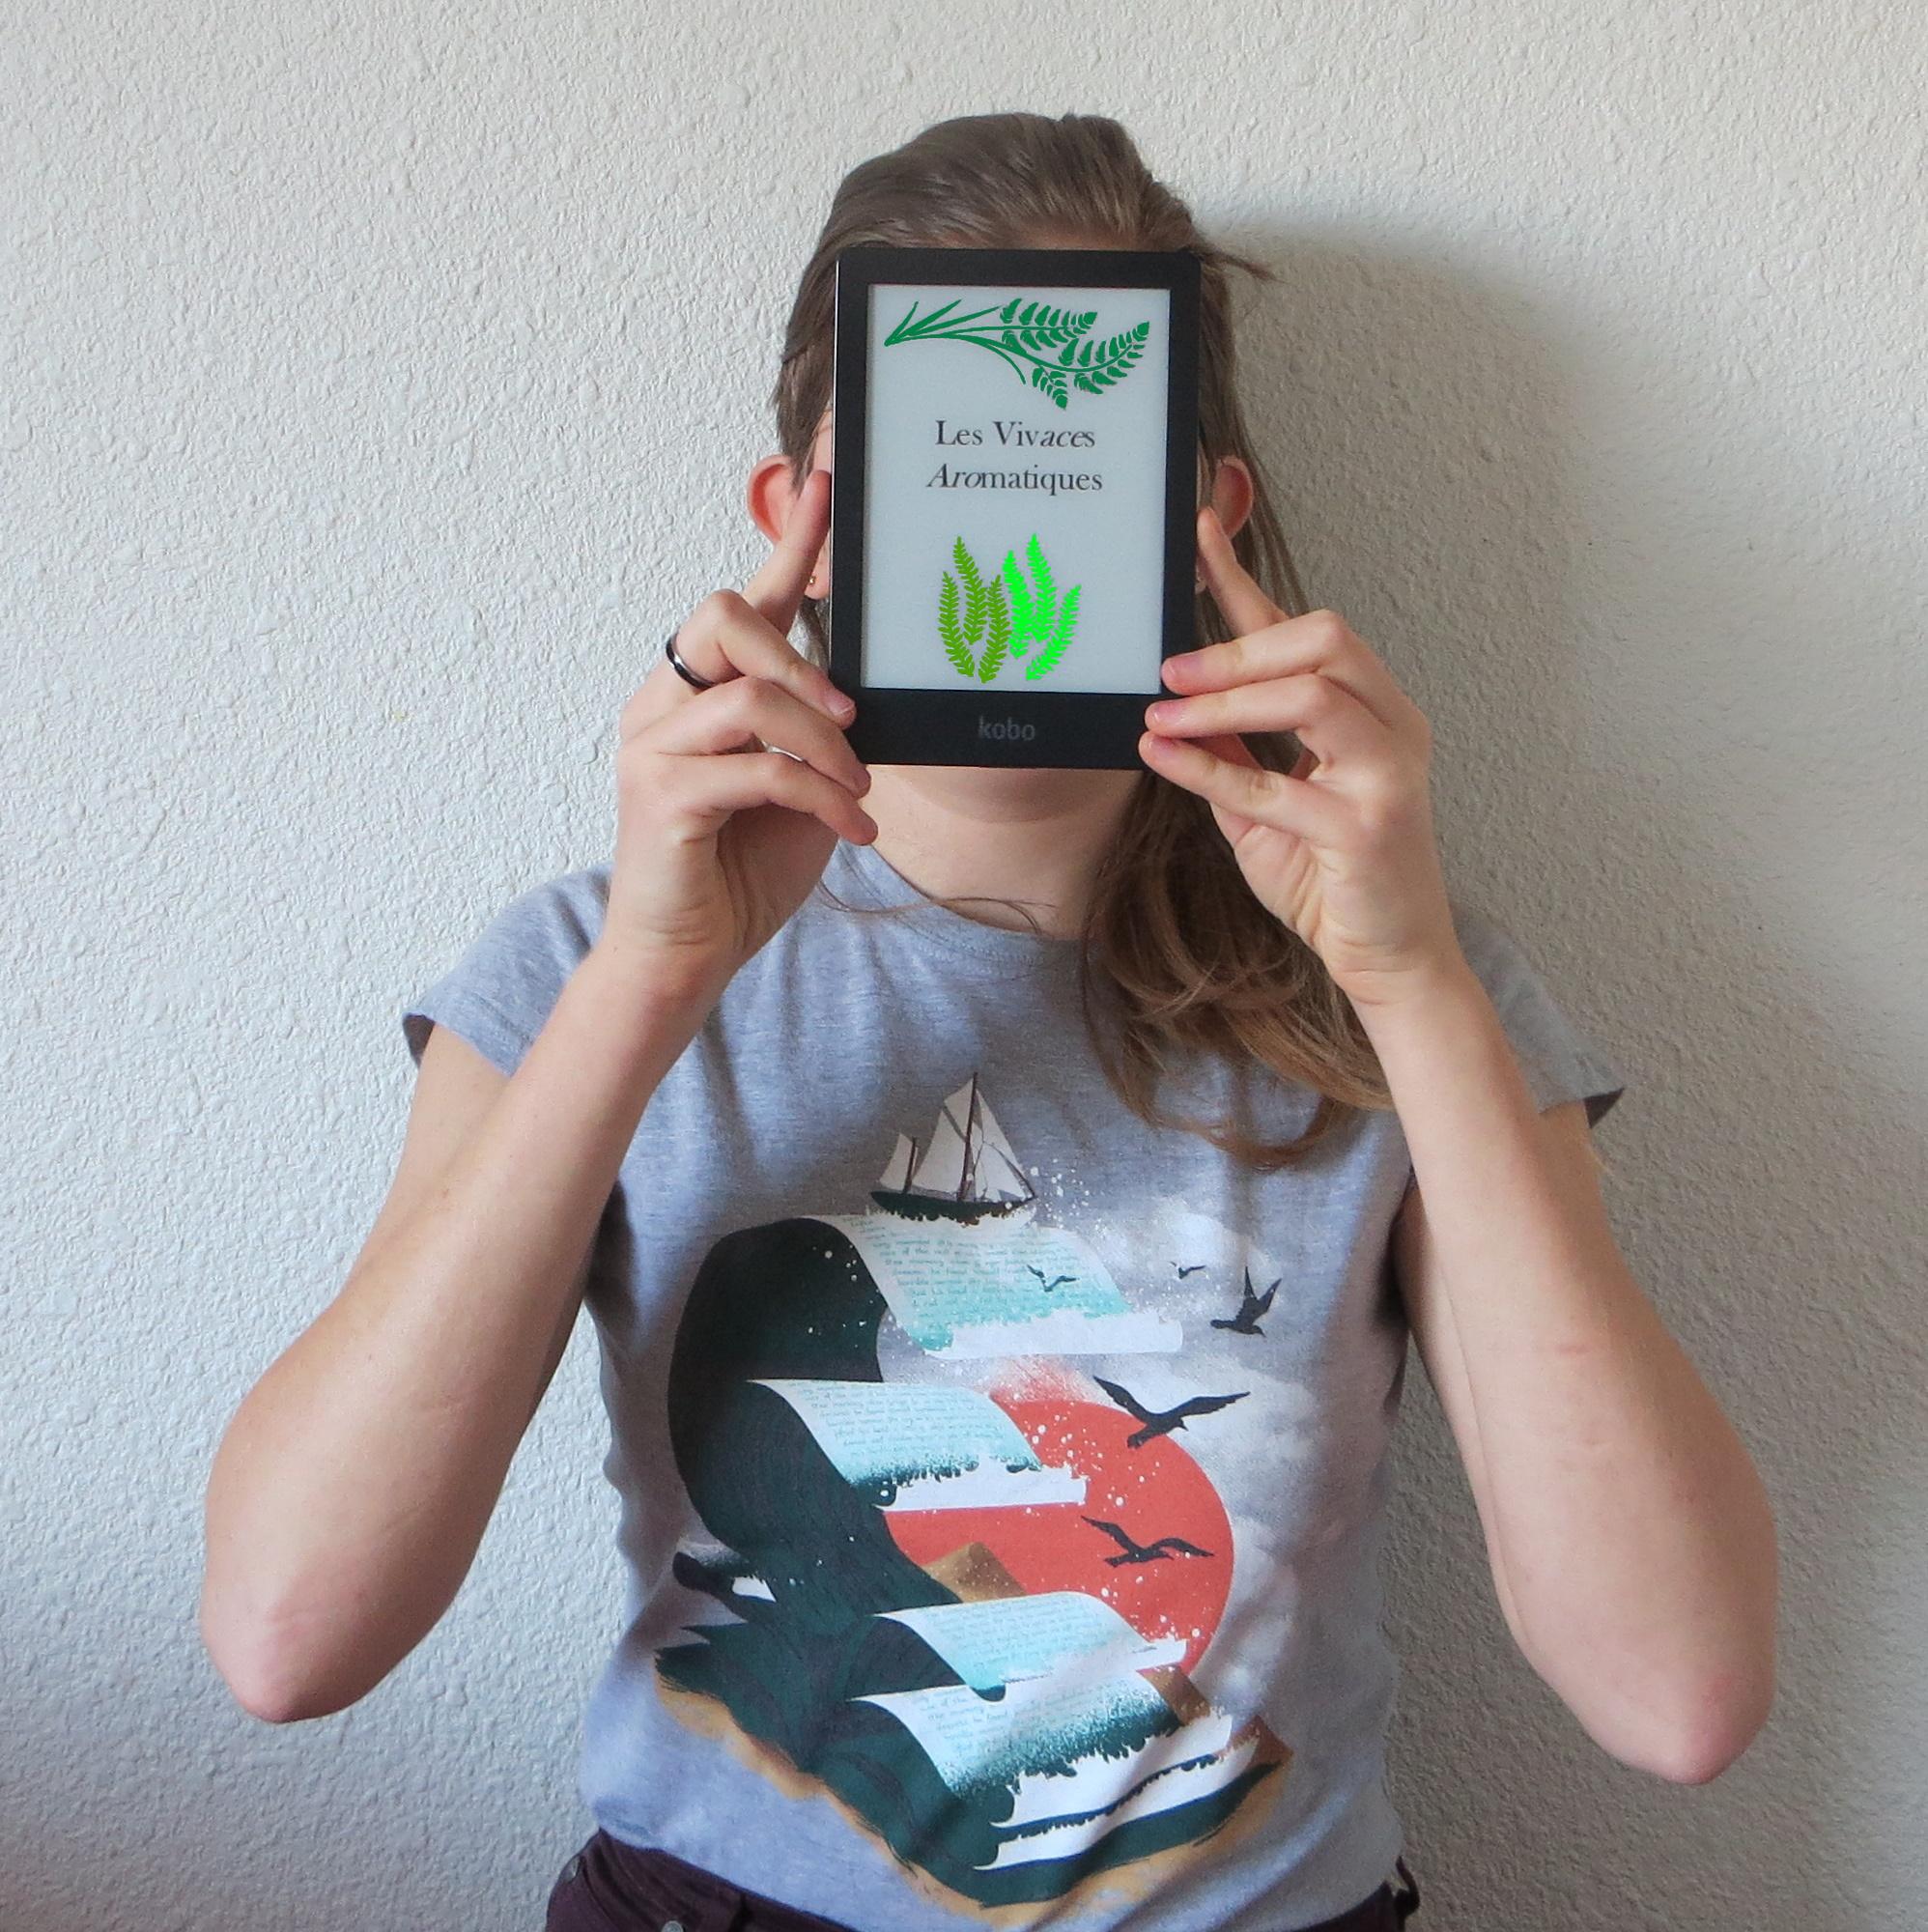 personne brandissant une liseuse avec écrit Les Vivaces Aromatiques sur l'écran